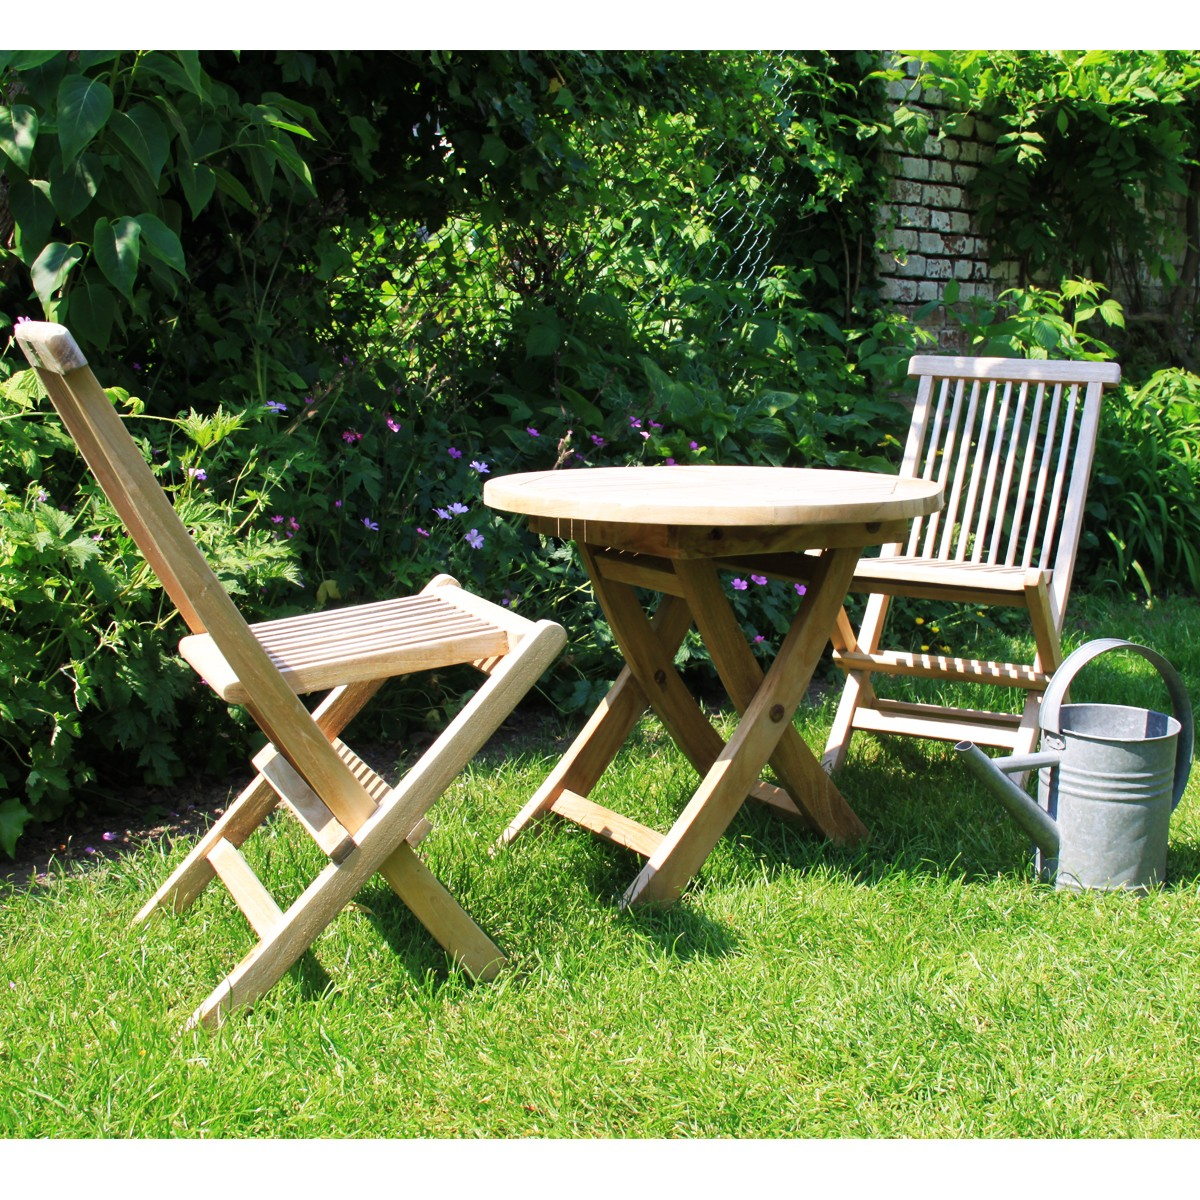 salon de jardin pour enfant en bois de teck midland - bois dessus